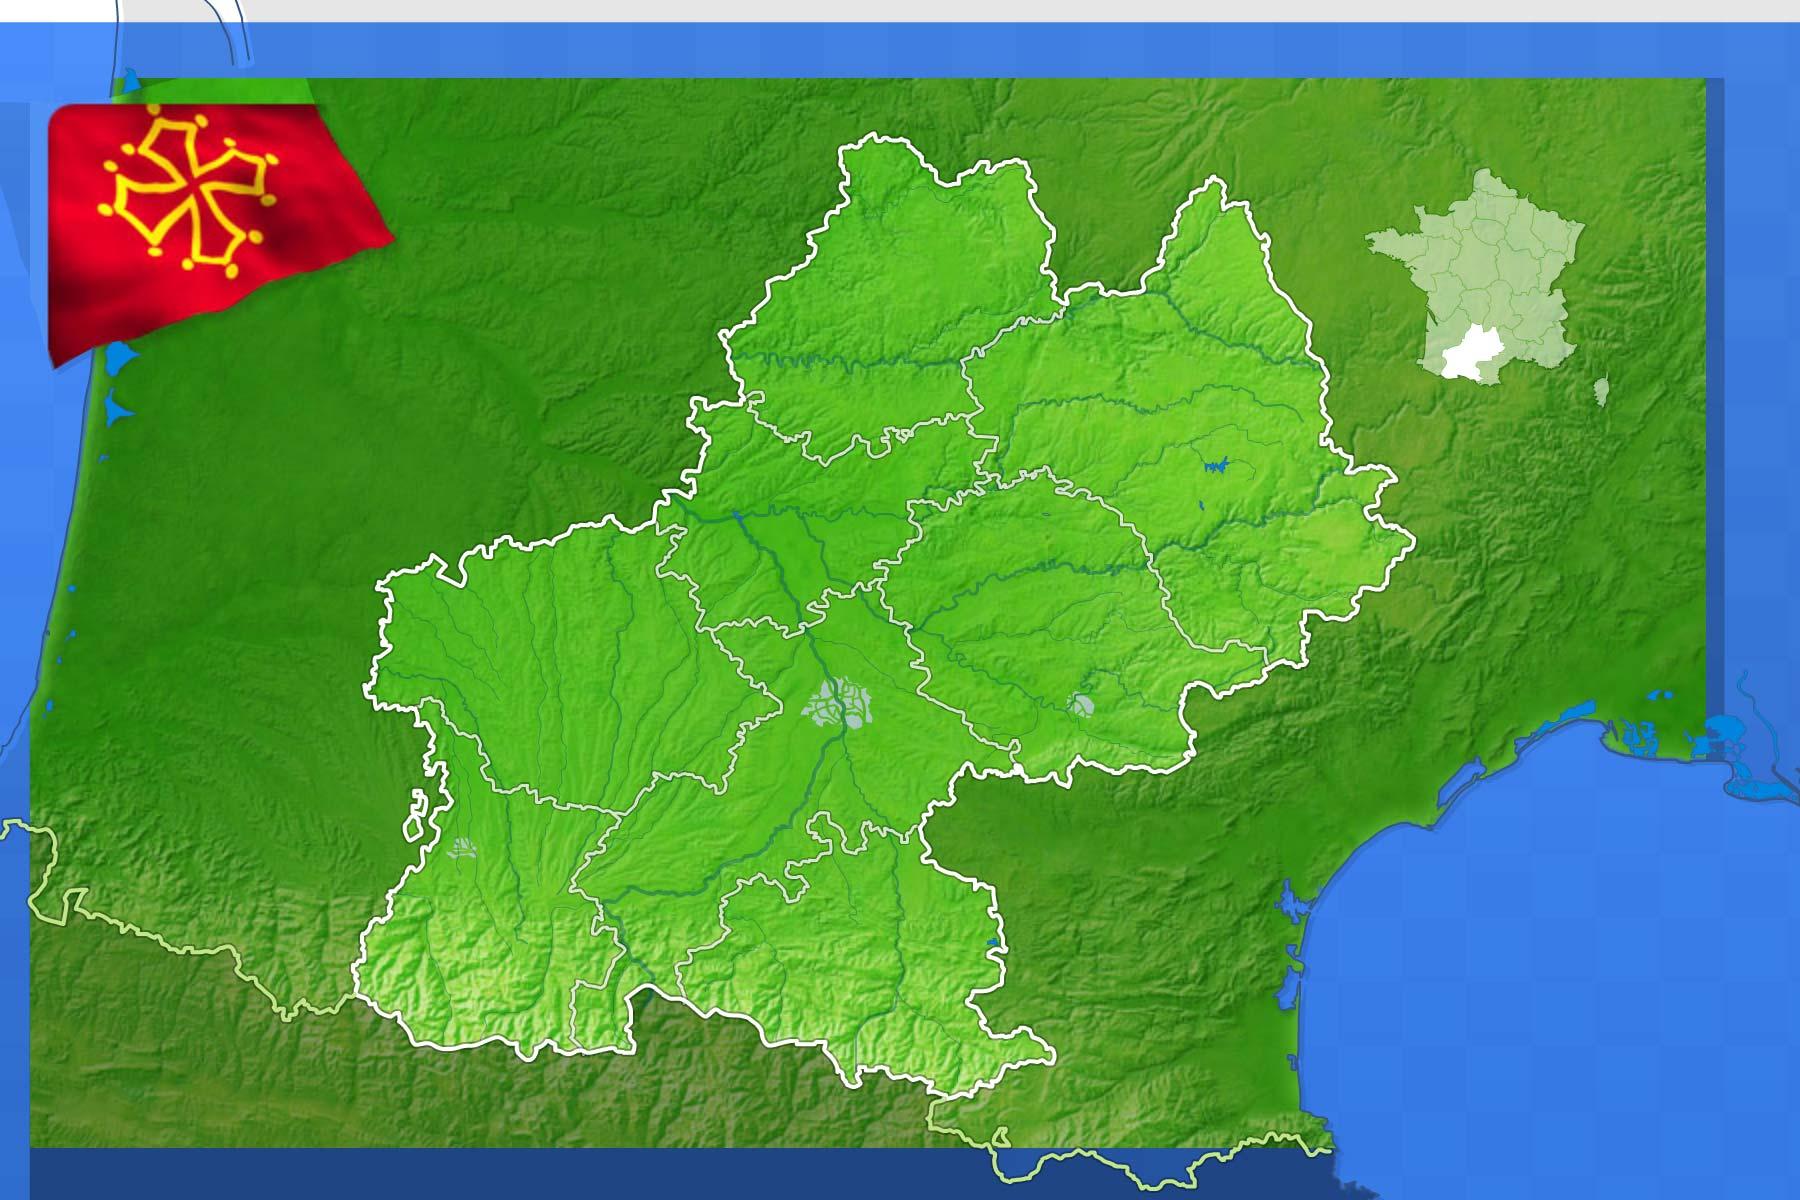 Jeux-Geographiques Jeux Gratuits Villes De Midi Pyrenees destiné Jeu Villes France